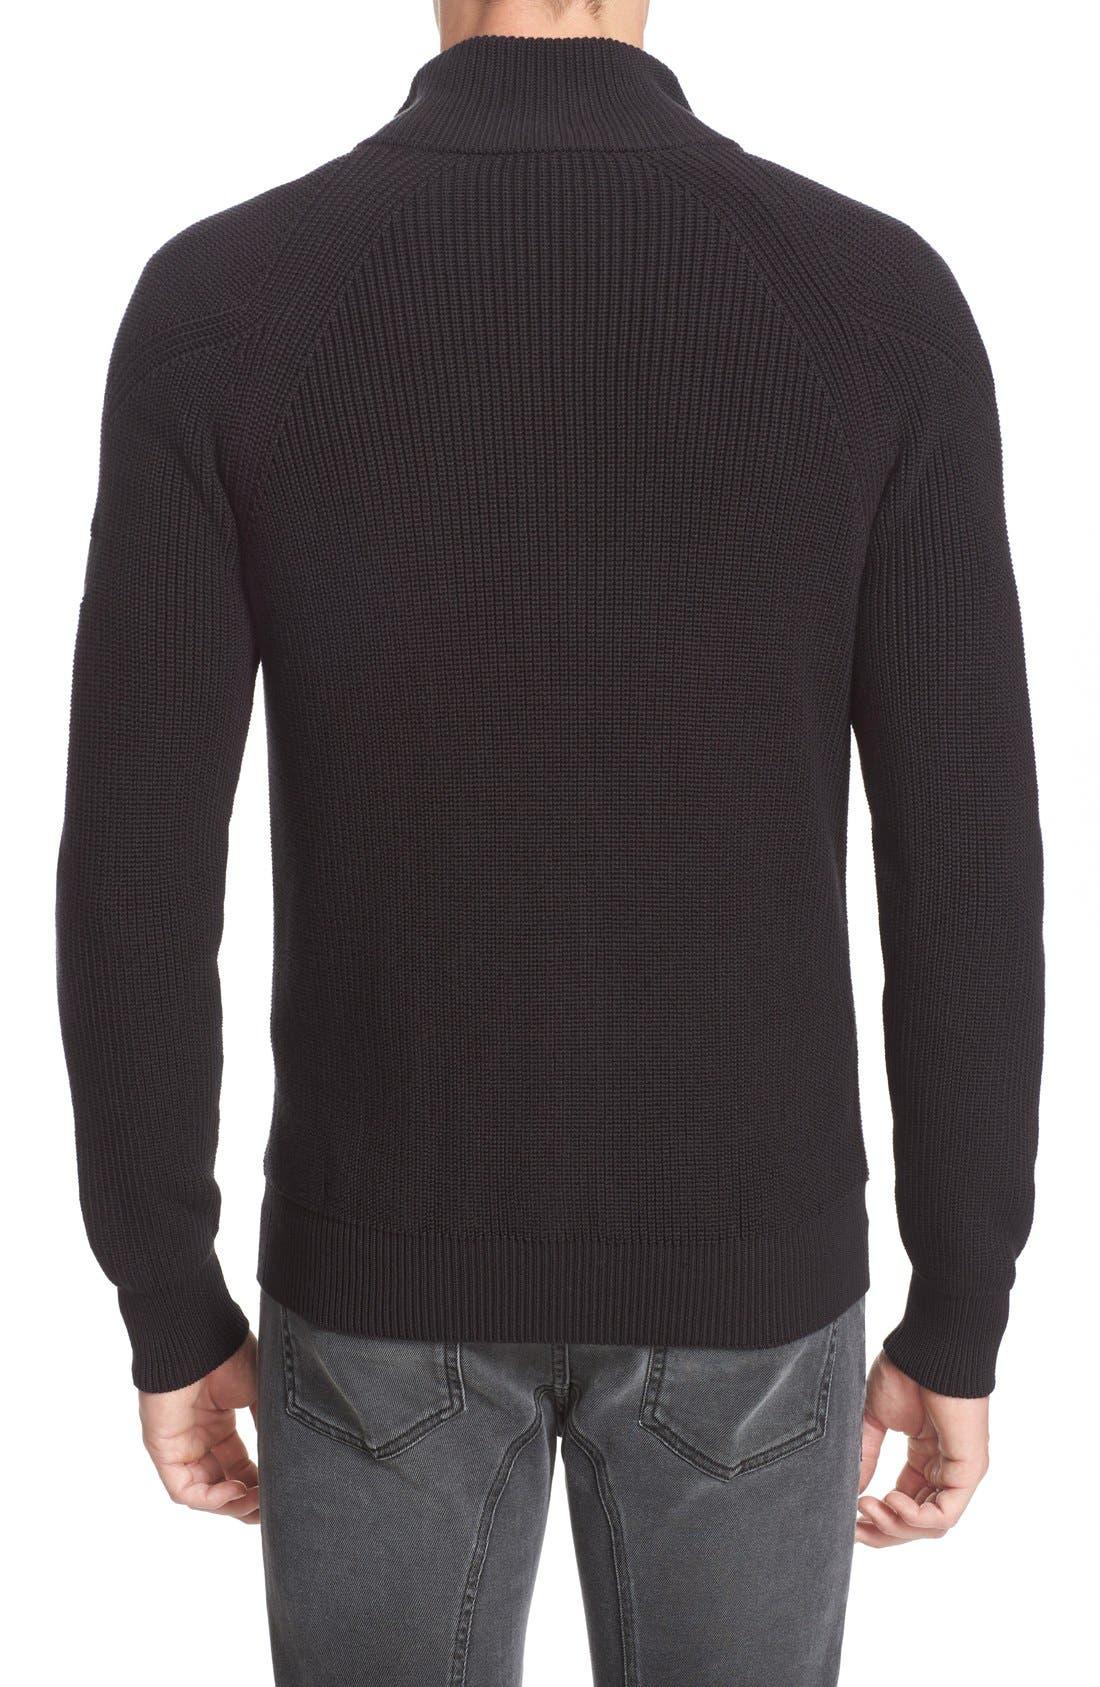 Parkgate Zip Front Mock Neck Sweater,                             Alternate thumbnail 2, color,                             001